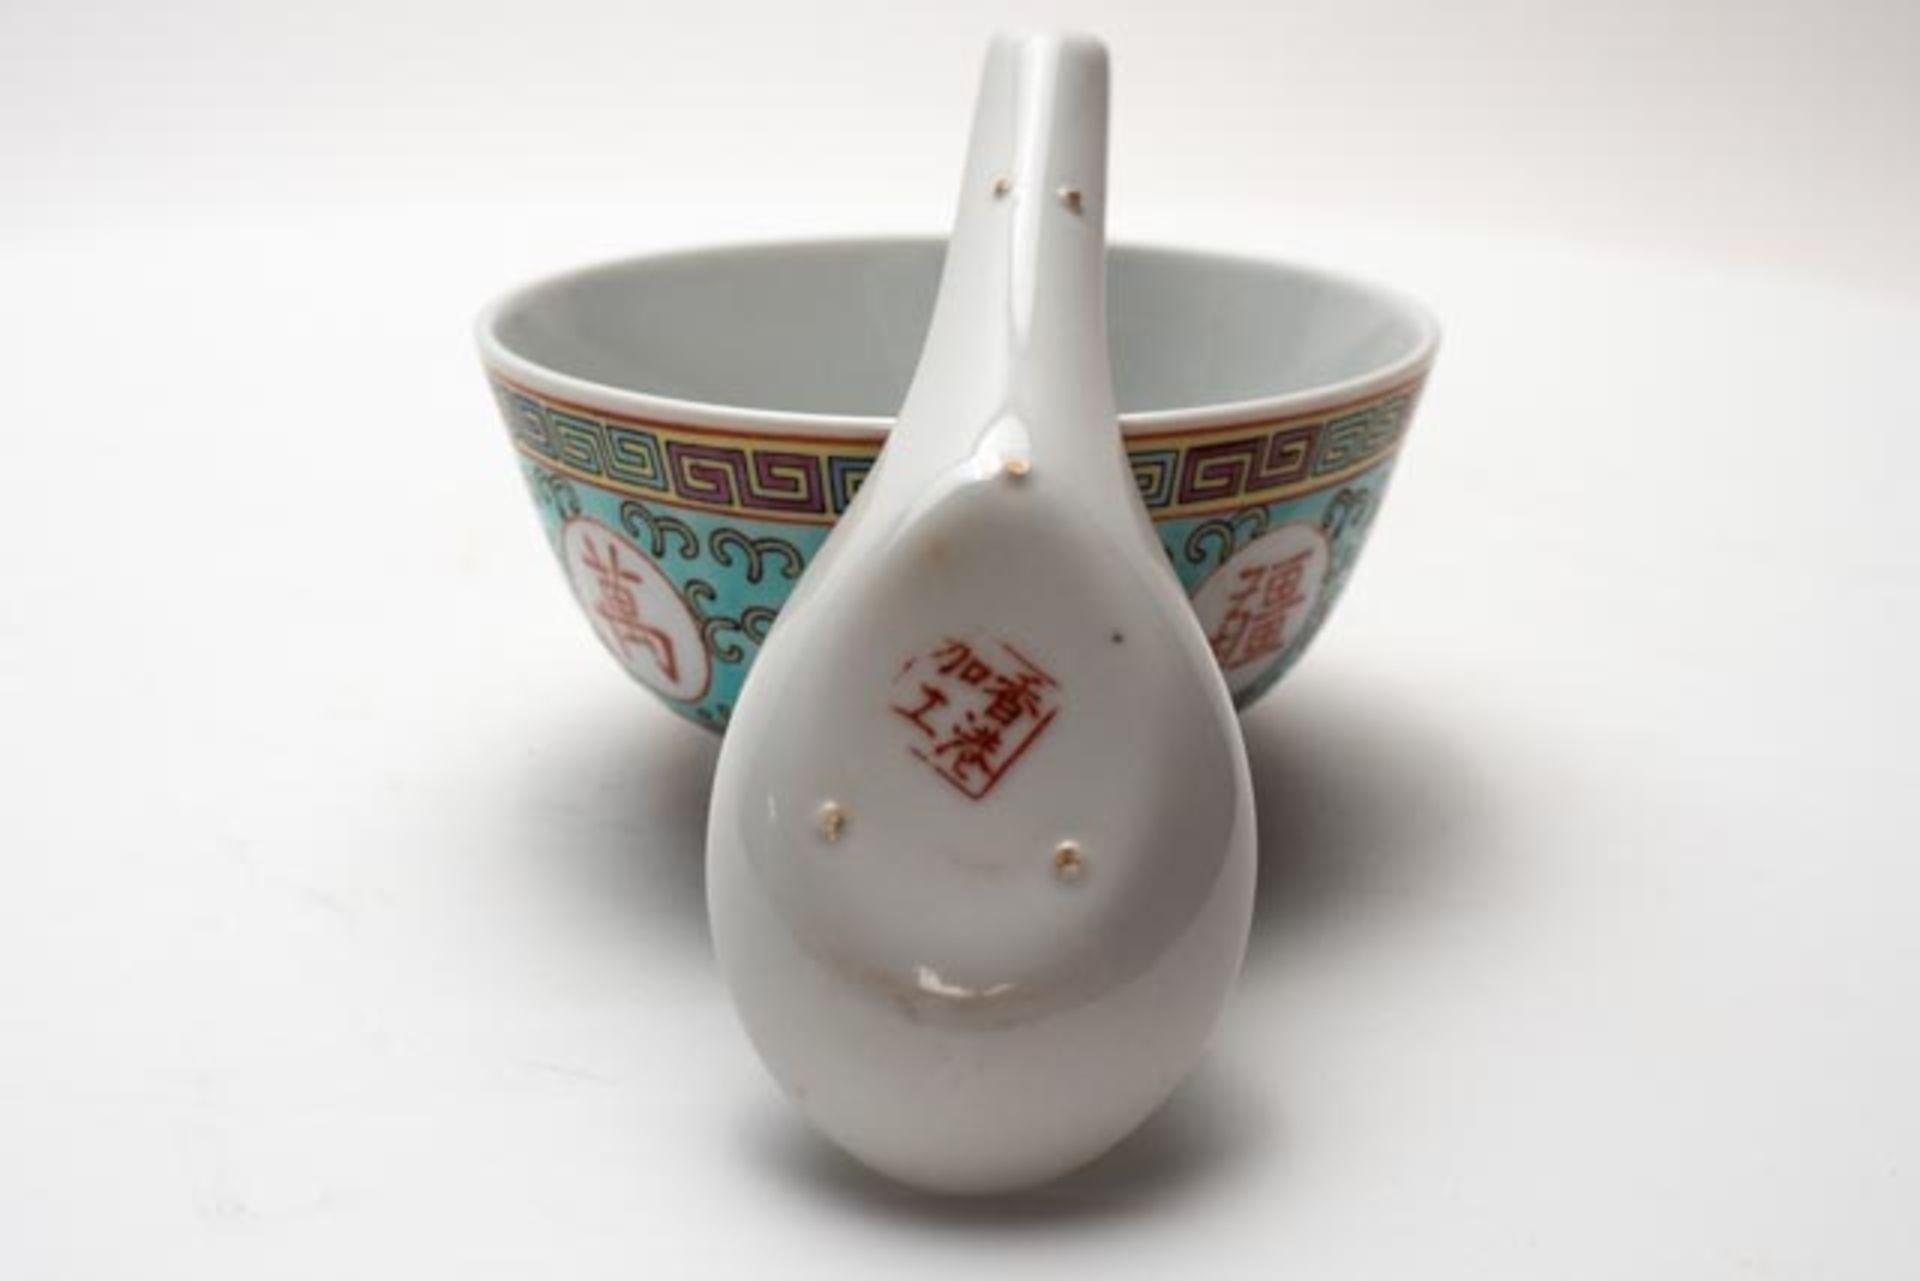 Asiatische Porzellankumme mit Porzellanlöffel - Image 4 of 5